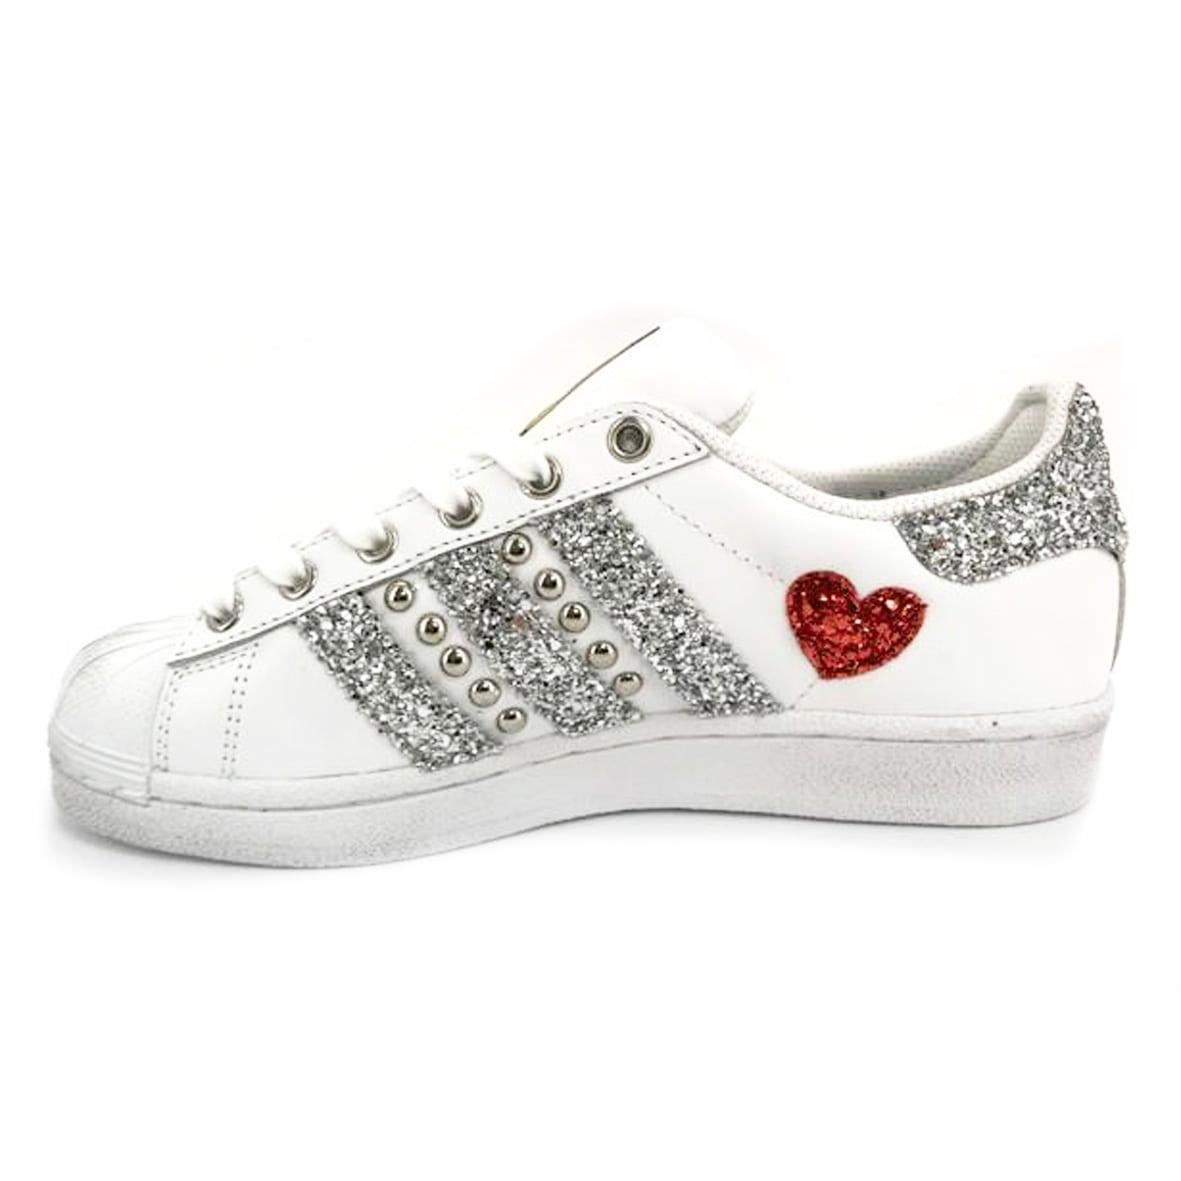 scarpe donna adidas con cuori